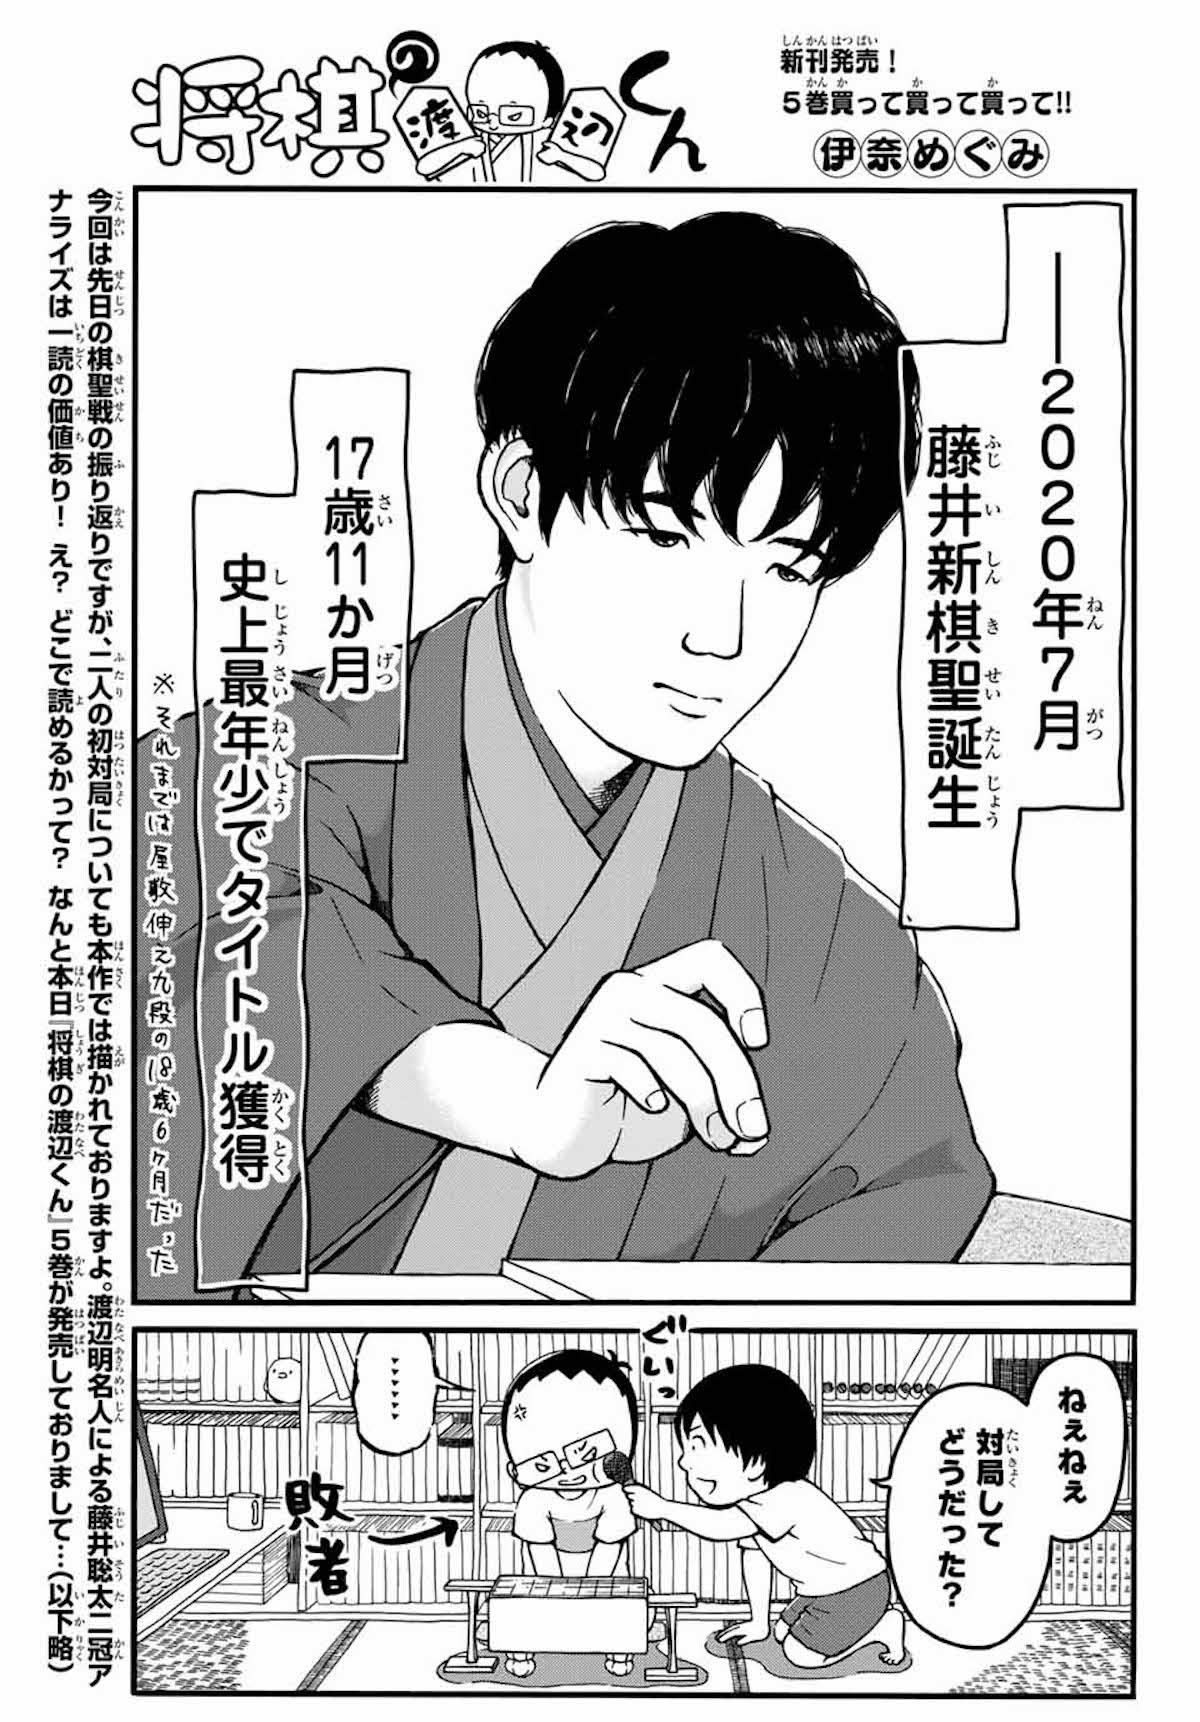 聡太 棋聖 戦 藤井